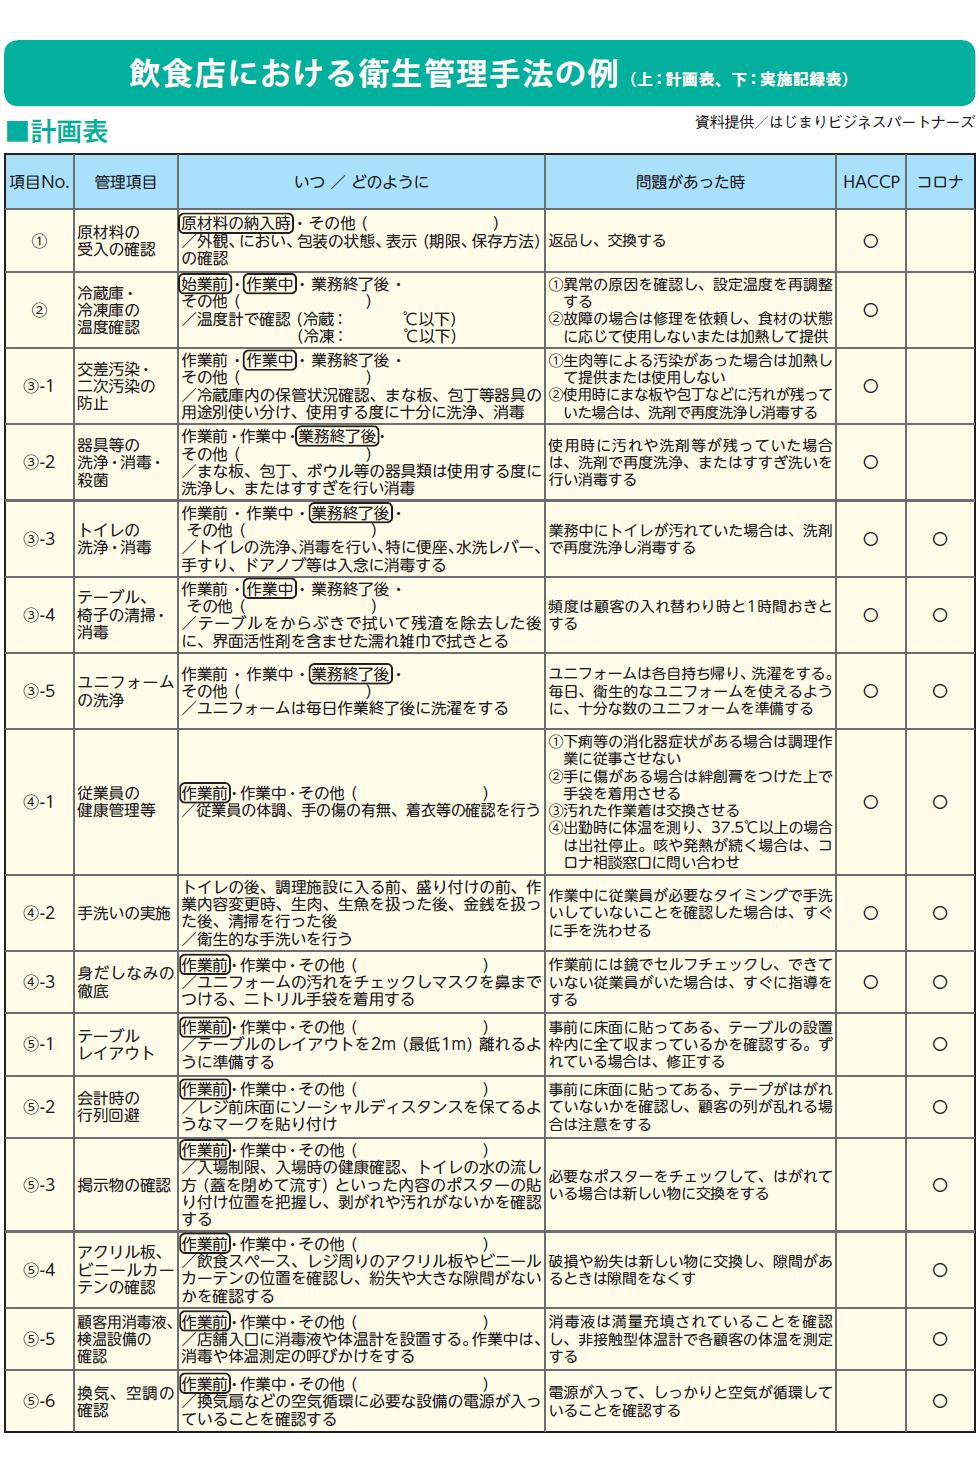 飲食店における衛生管理手法の例 (上:計画表、下:実施記録表) ■計画表